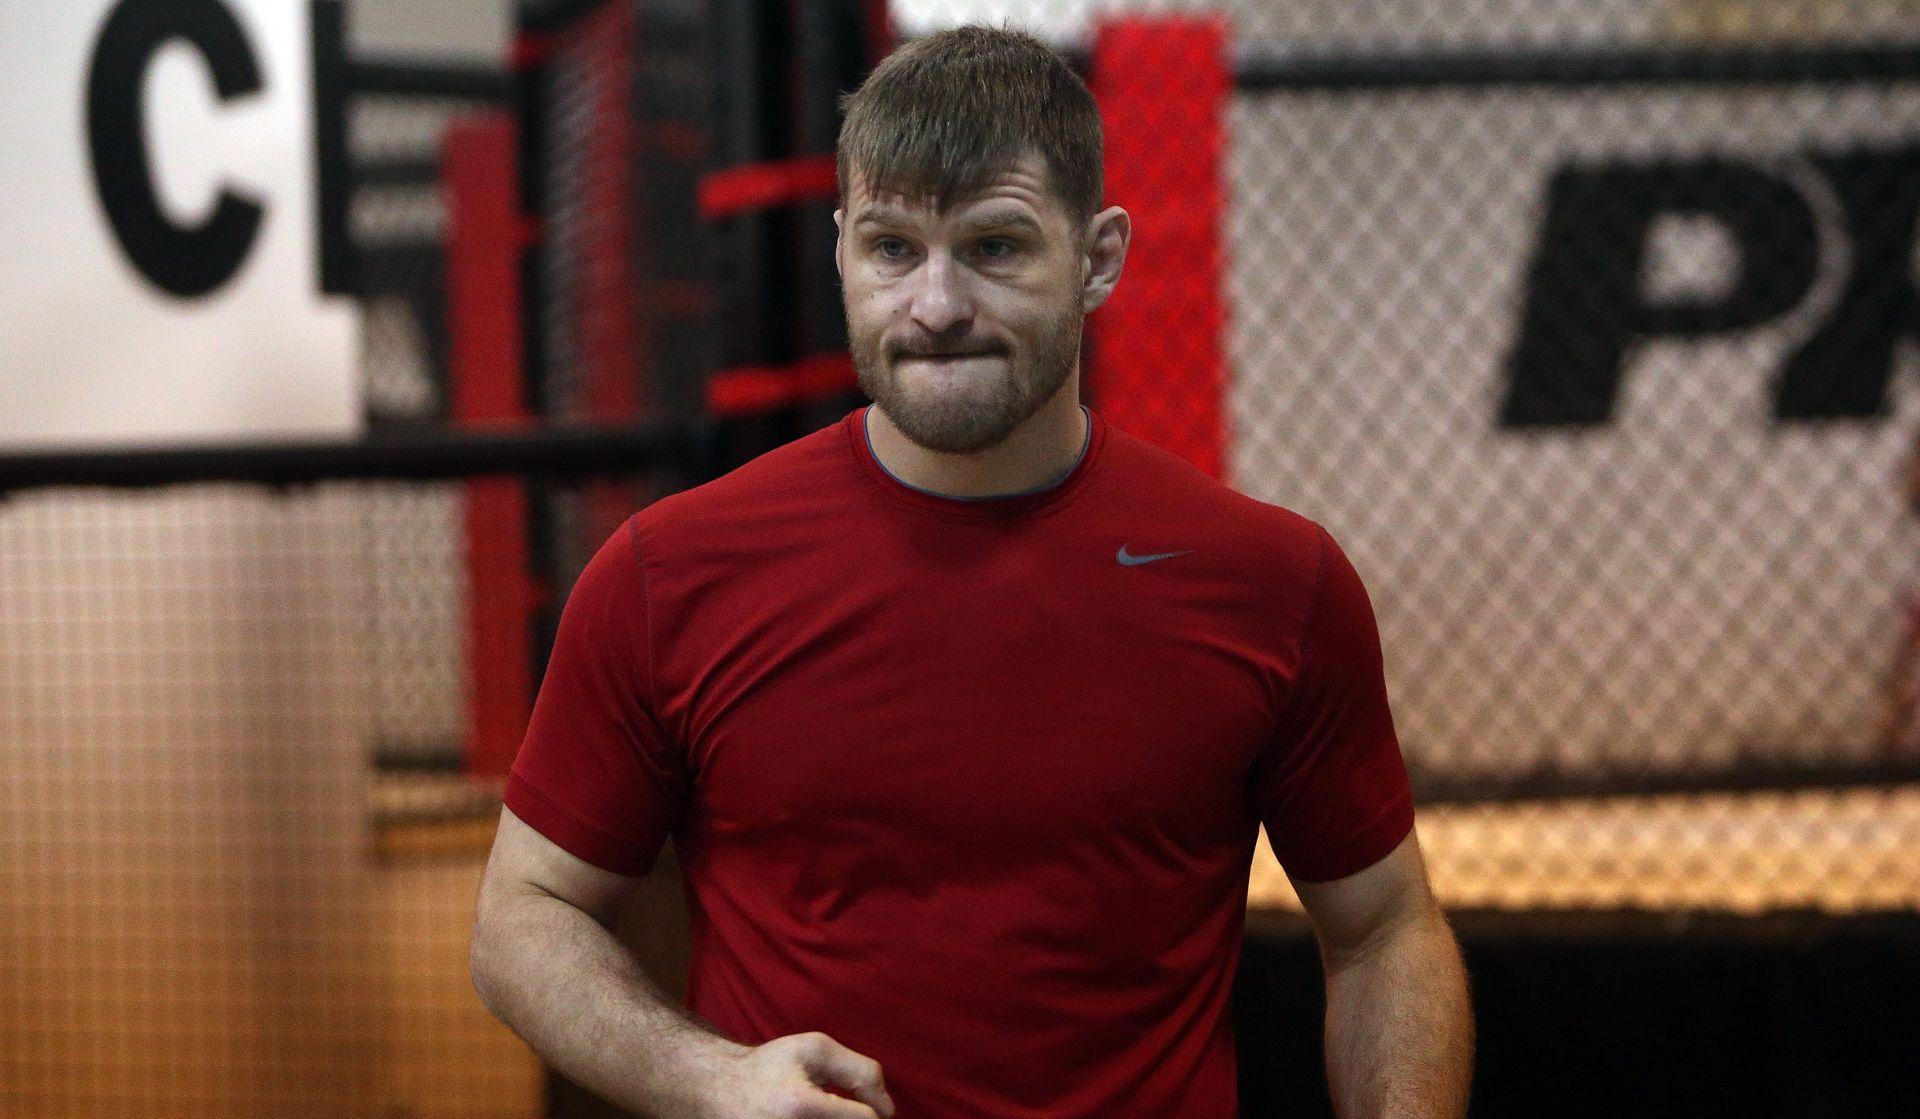 VIDEO: 'HRVATSKA, IMAMO PRVAKA' Stipe Miočić novi UFC-ov prvak u teškoj kategoriji